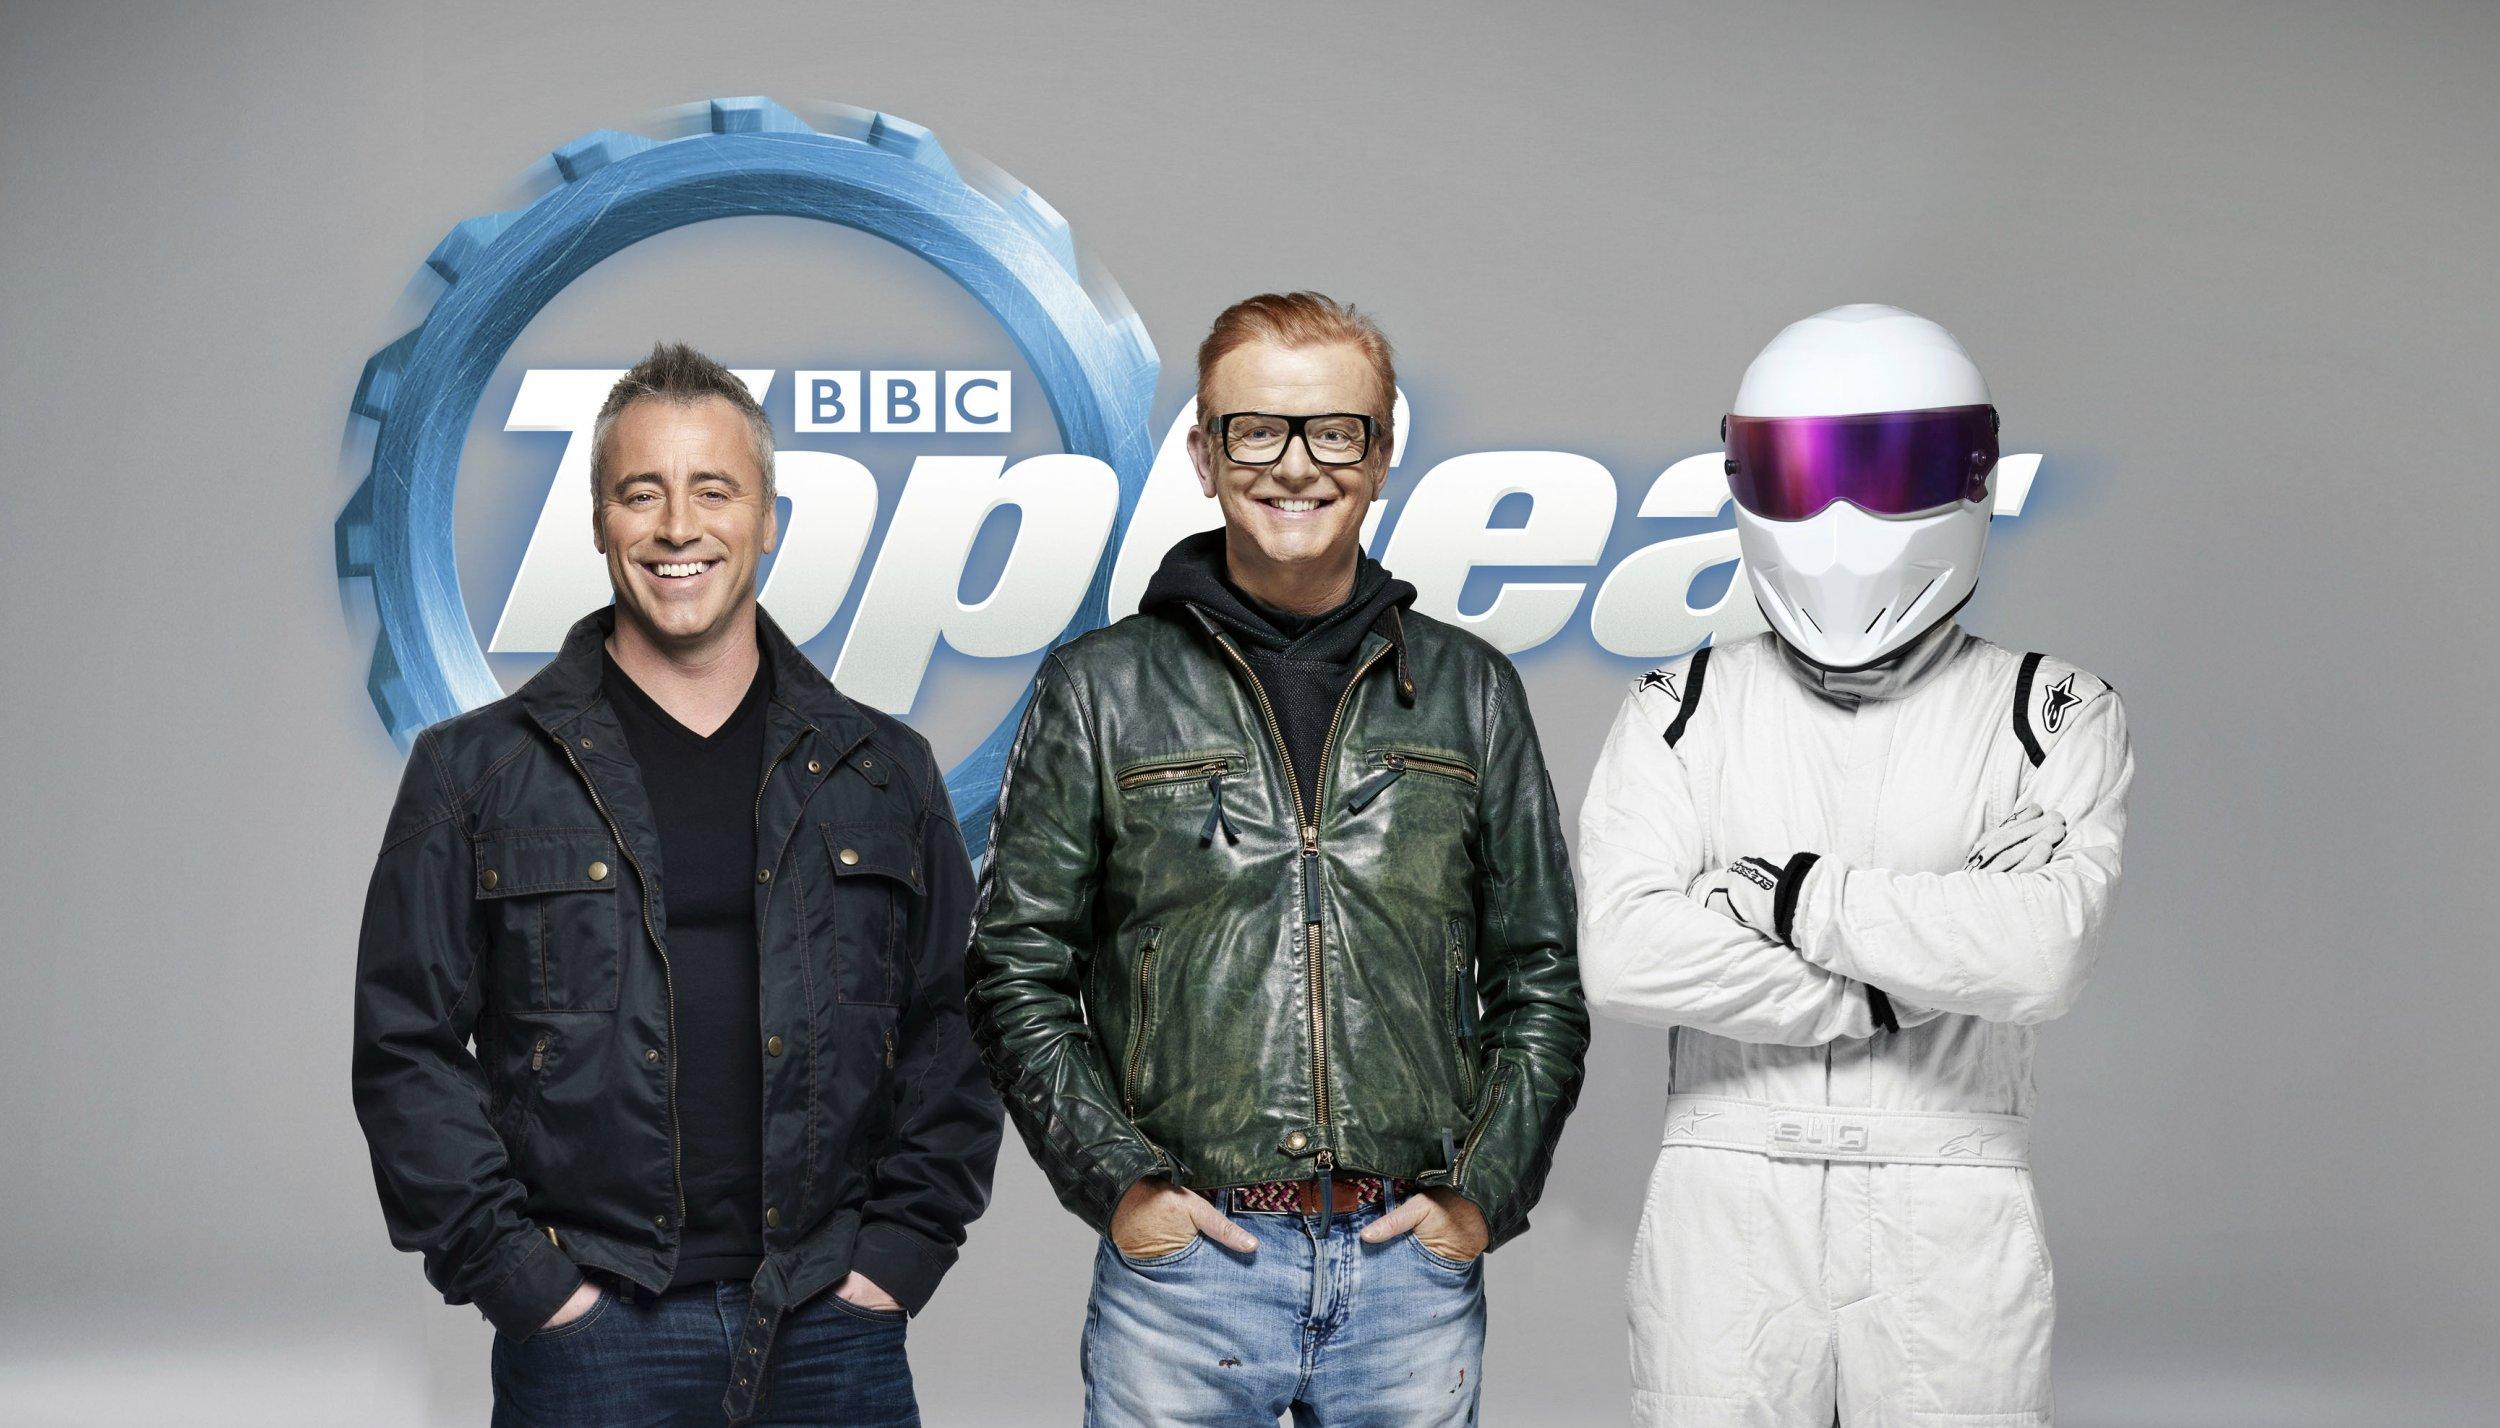 Top Gear hosts Chris Evans and Matt LeBlanc